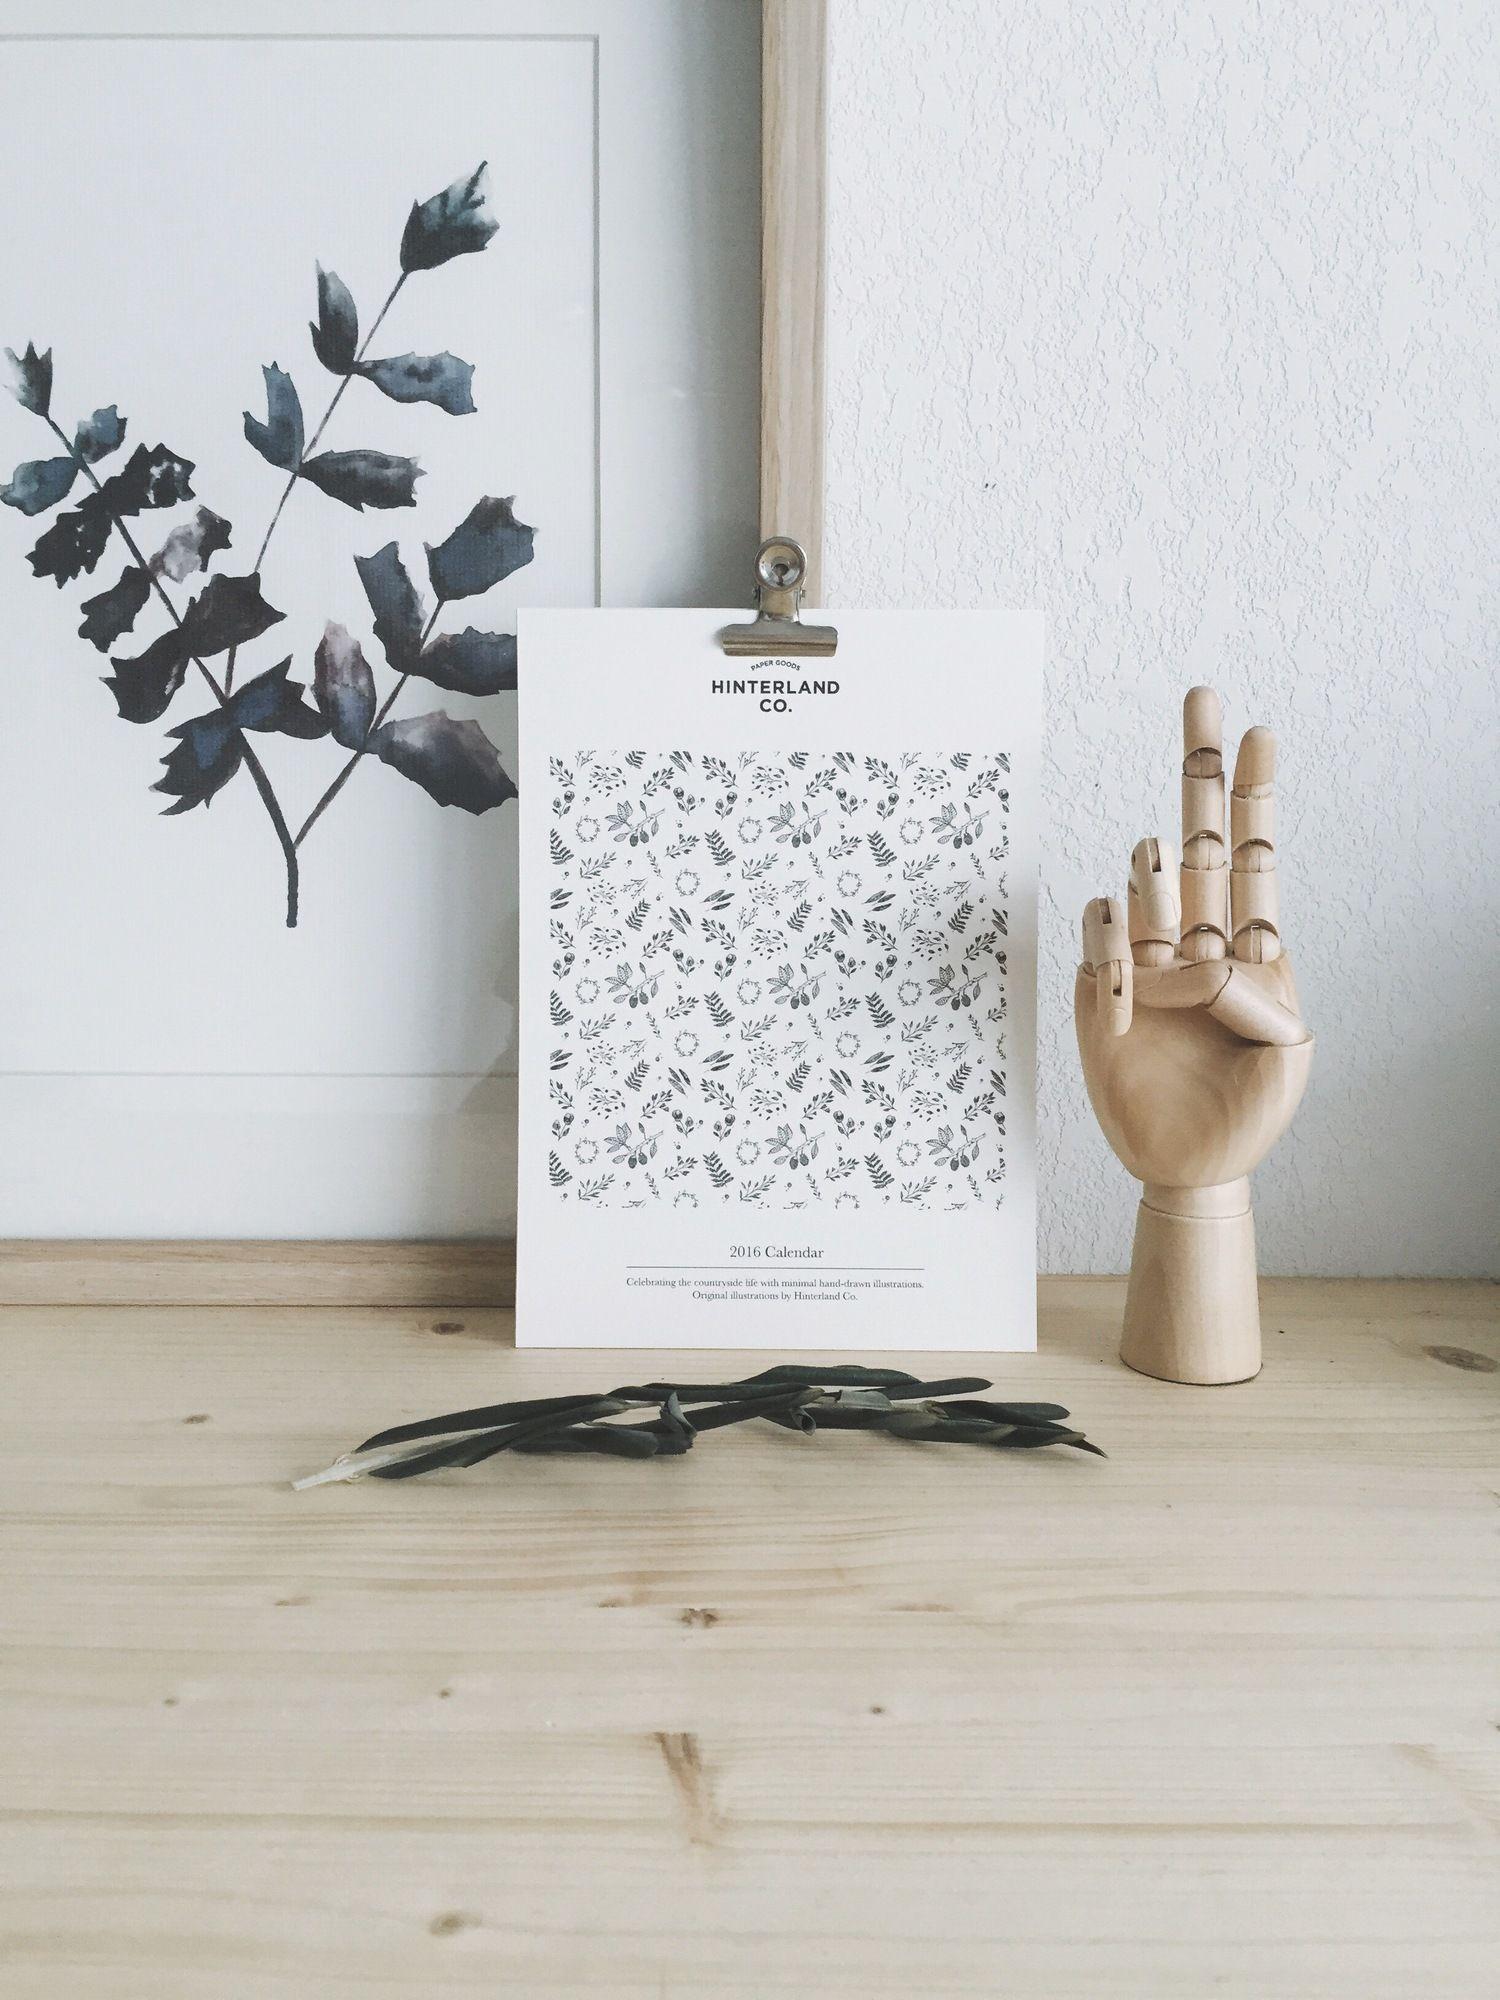 Hinterland Co. The Countryside Life 2016 Calendar est un calendrier qui célèbre la vie en pleine nature par des illustrations minimalistes réalisées à la main. Ce calendrier est composé de 12 pages illustrées d'un dessin unique chaque mois. Il s'agit d'une édition limitée à 25 copies, chaque copie est numérotée à la main.